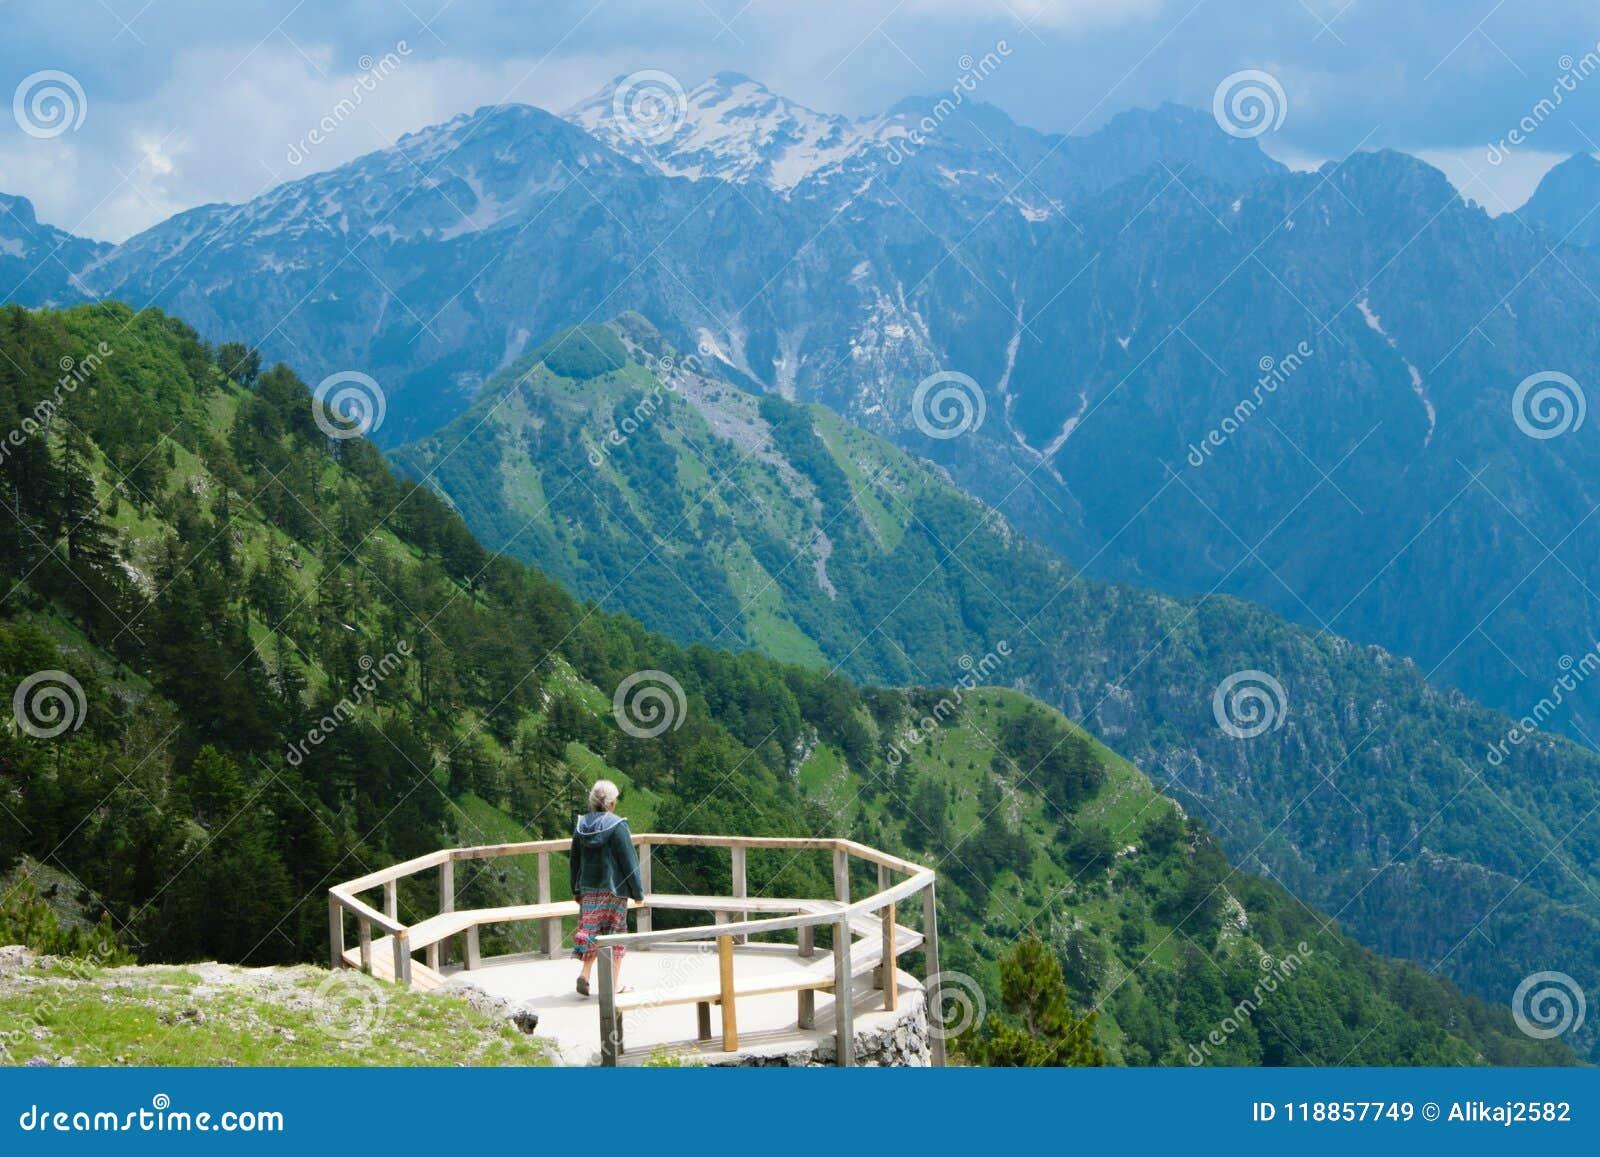 El Paisaje De La Montaña Mujer En Una Terraza De Madera